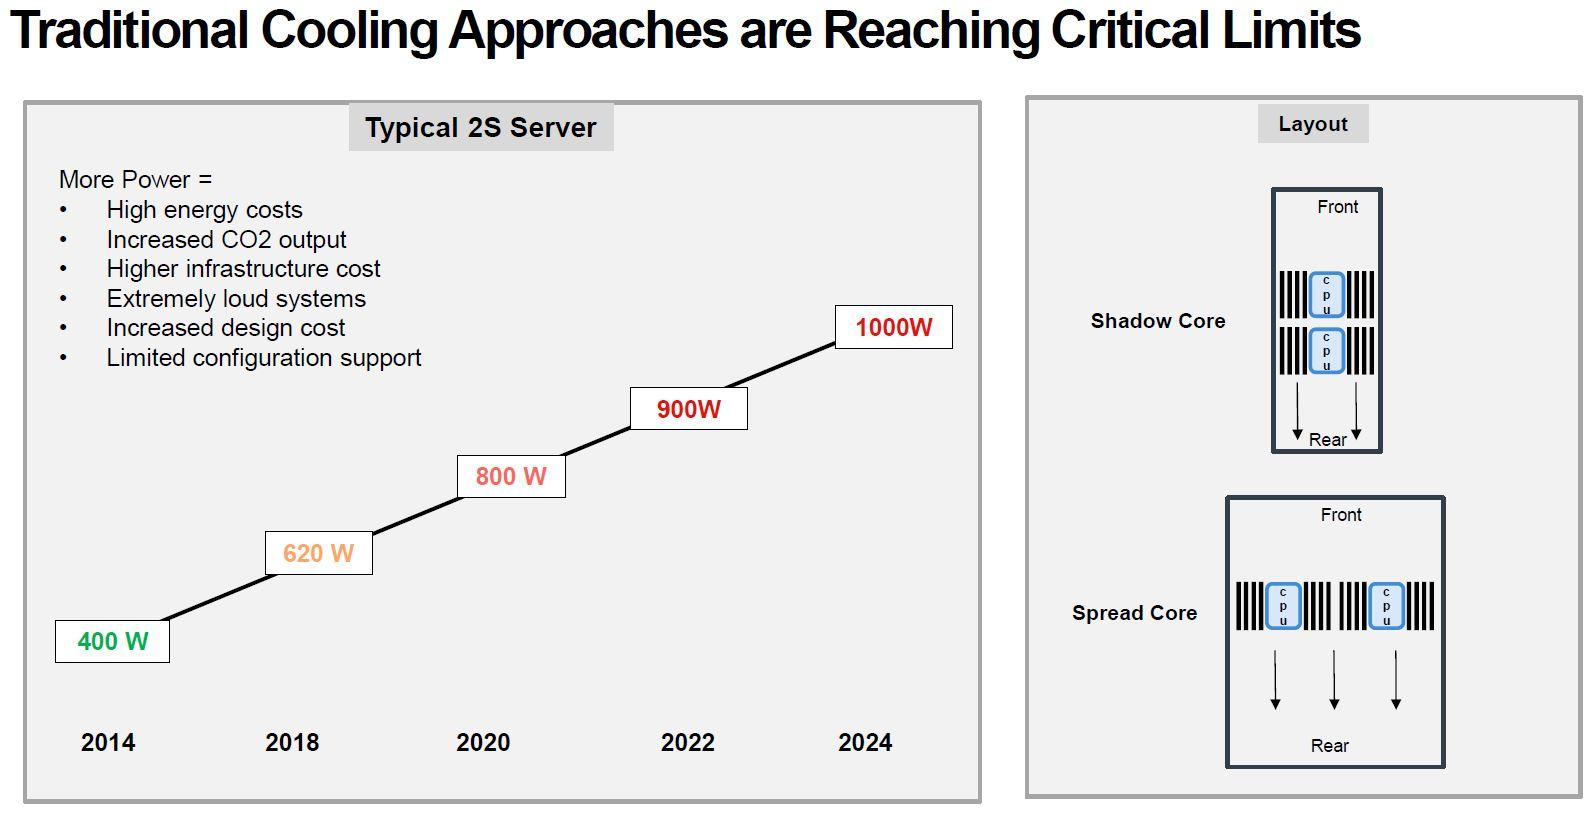 Lenovo Liquid Cooling Critical Limits 2S Server Example Q3 2021